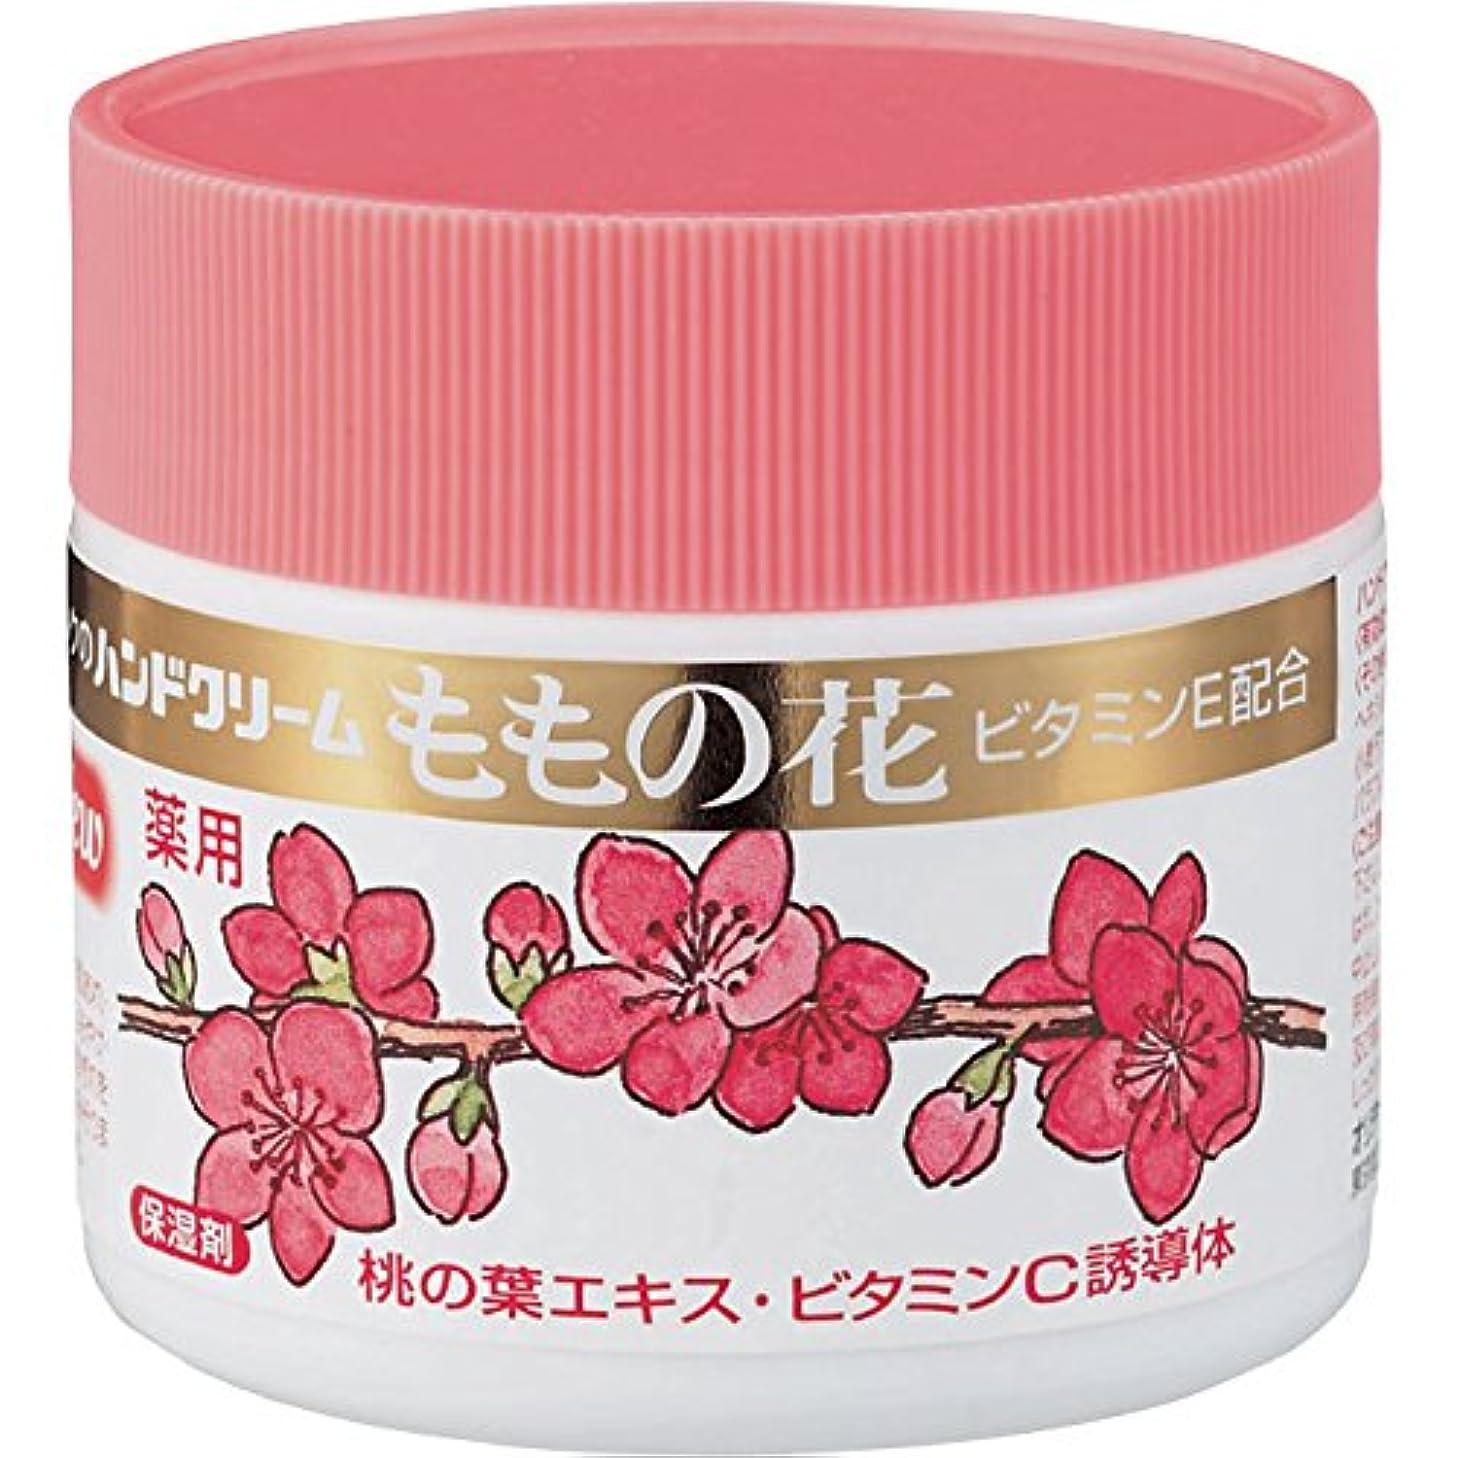 しなやかテメリティ最小化するオリヂナル ハンドクリーム ももの花C 70g(医薬部外品)